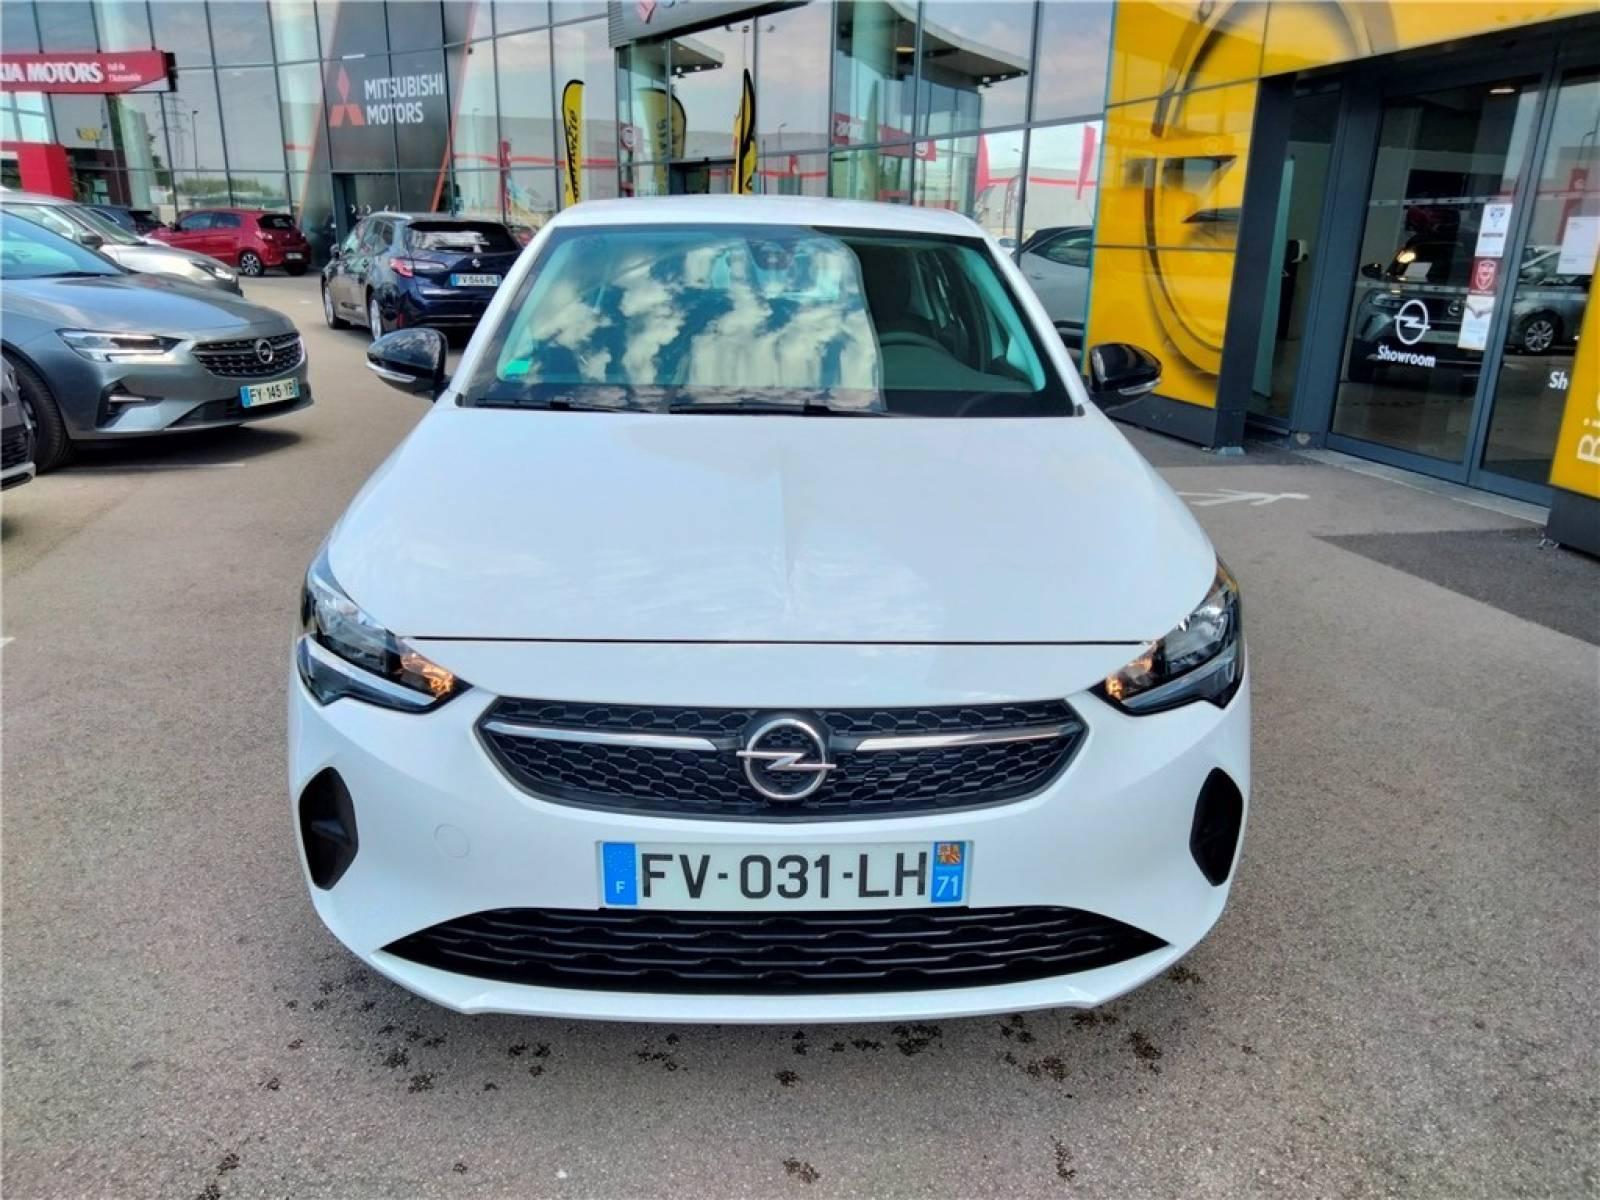 OPEL Corsa 1.2 75 ch BVM5 - véhicule d'occasion - Groupe Guillet - Opel Magicauto - Chalon-sur-Saône - 71380 - Saint-Marcel - 2